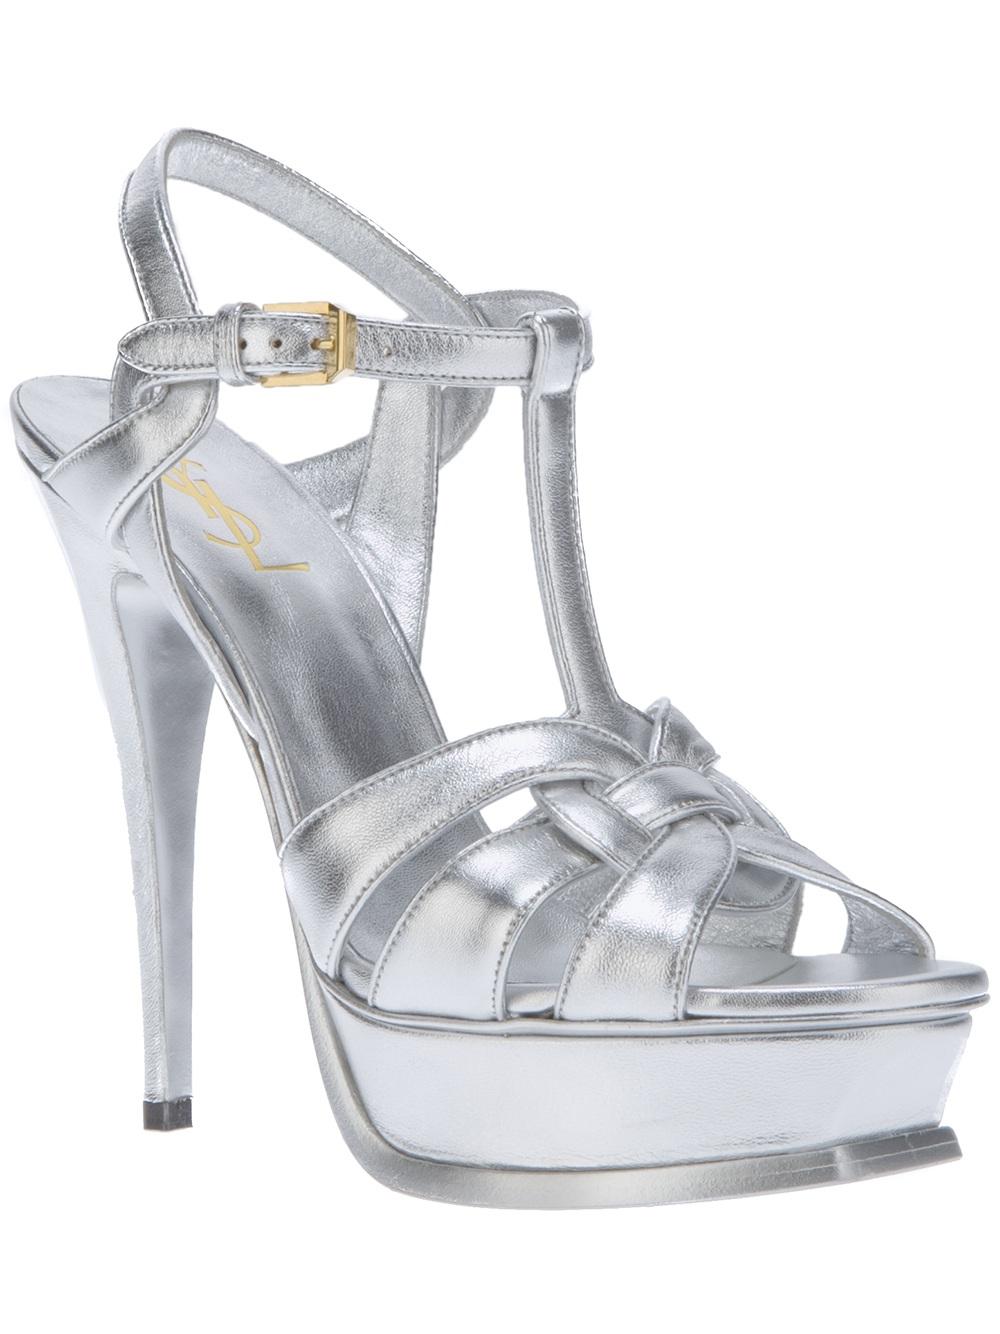 Lyst Saint Laurent Metallic High Heel Sandal In Metallic